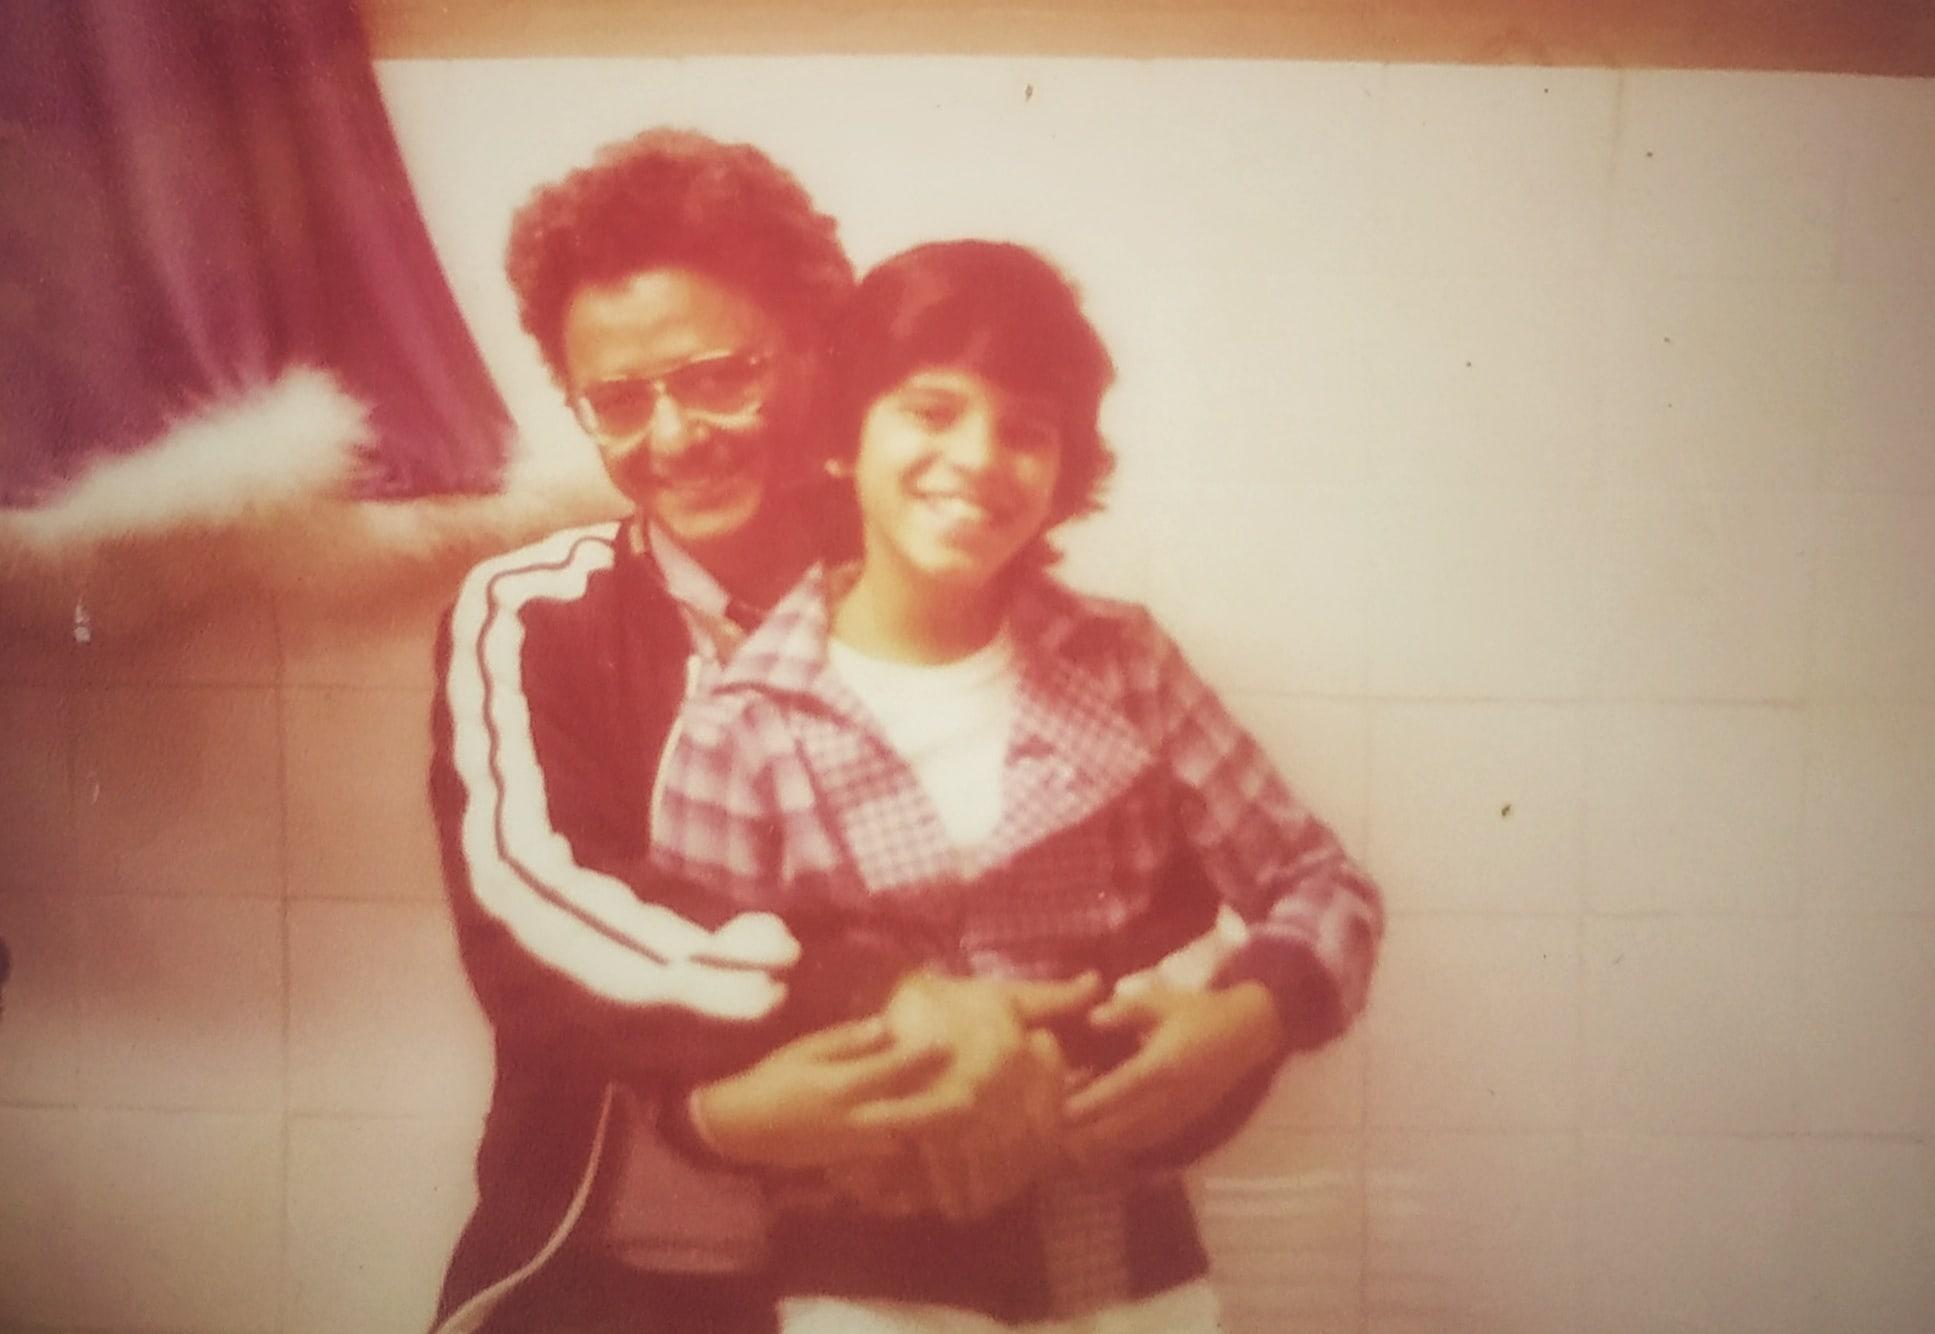 בצלאל אלוני ושרון הלל, 1982 (צילום: אבי אזוריס)